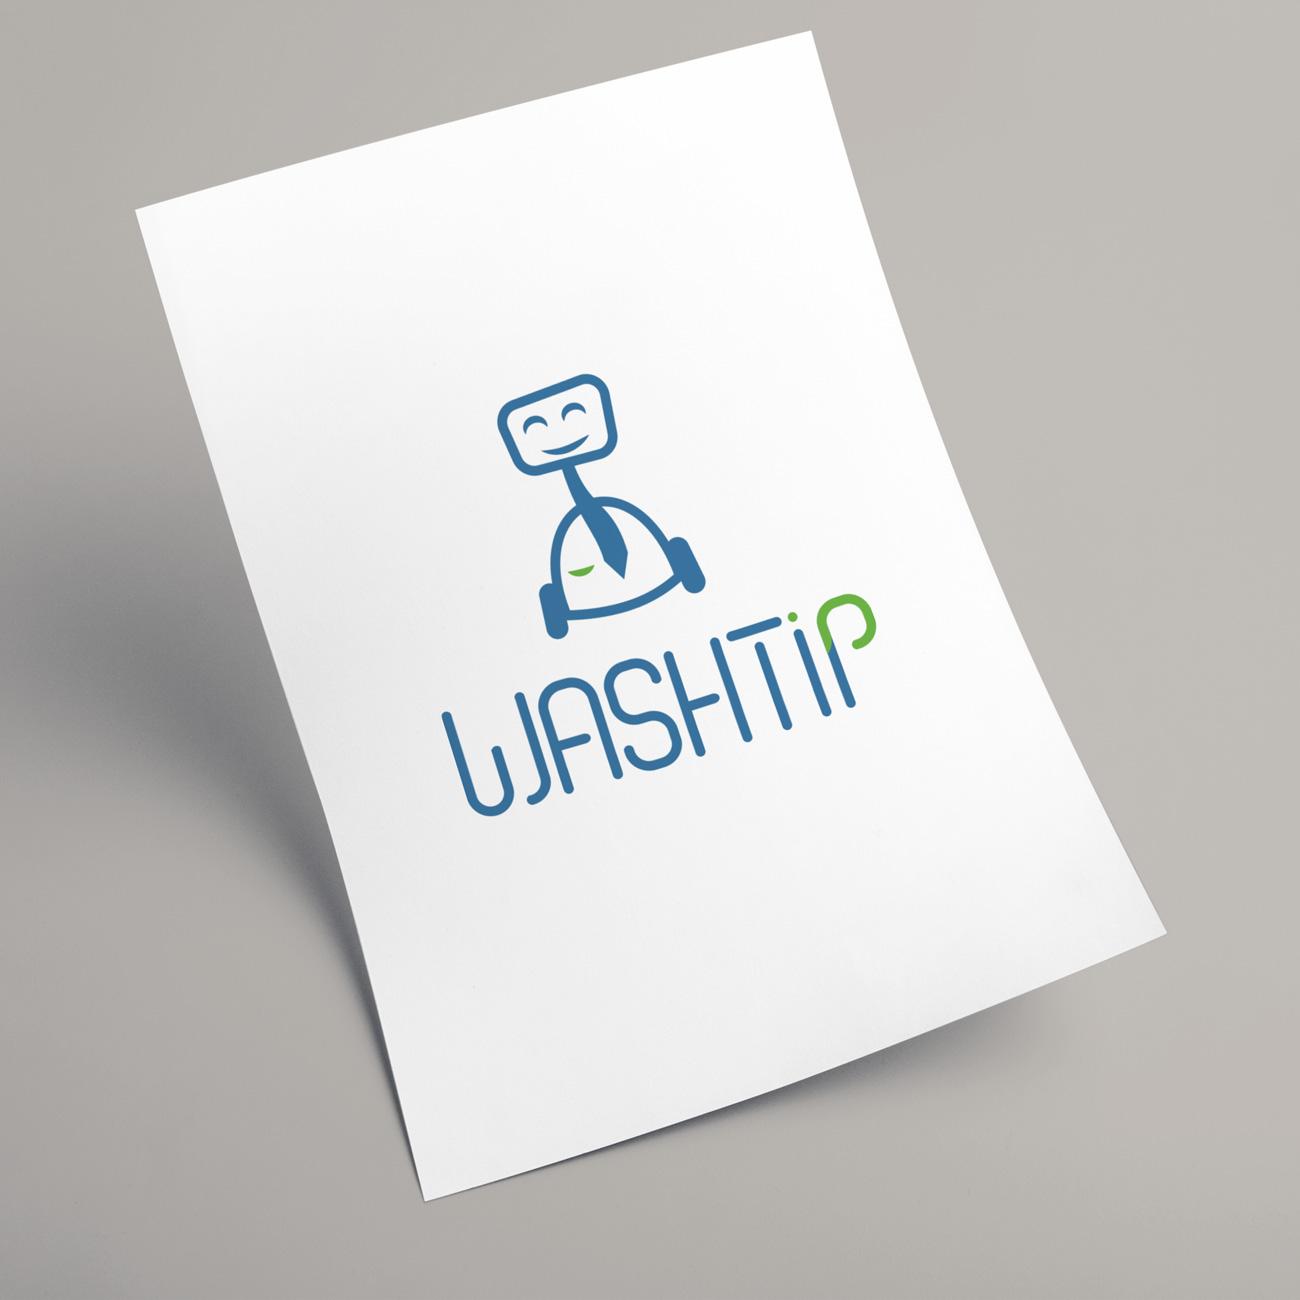 Разработка логотипа для онлайн-сервиса химчистки фото f_1375c0ebefd5d0ad.jpg